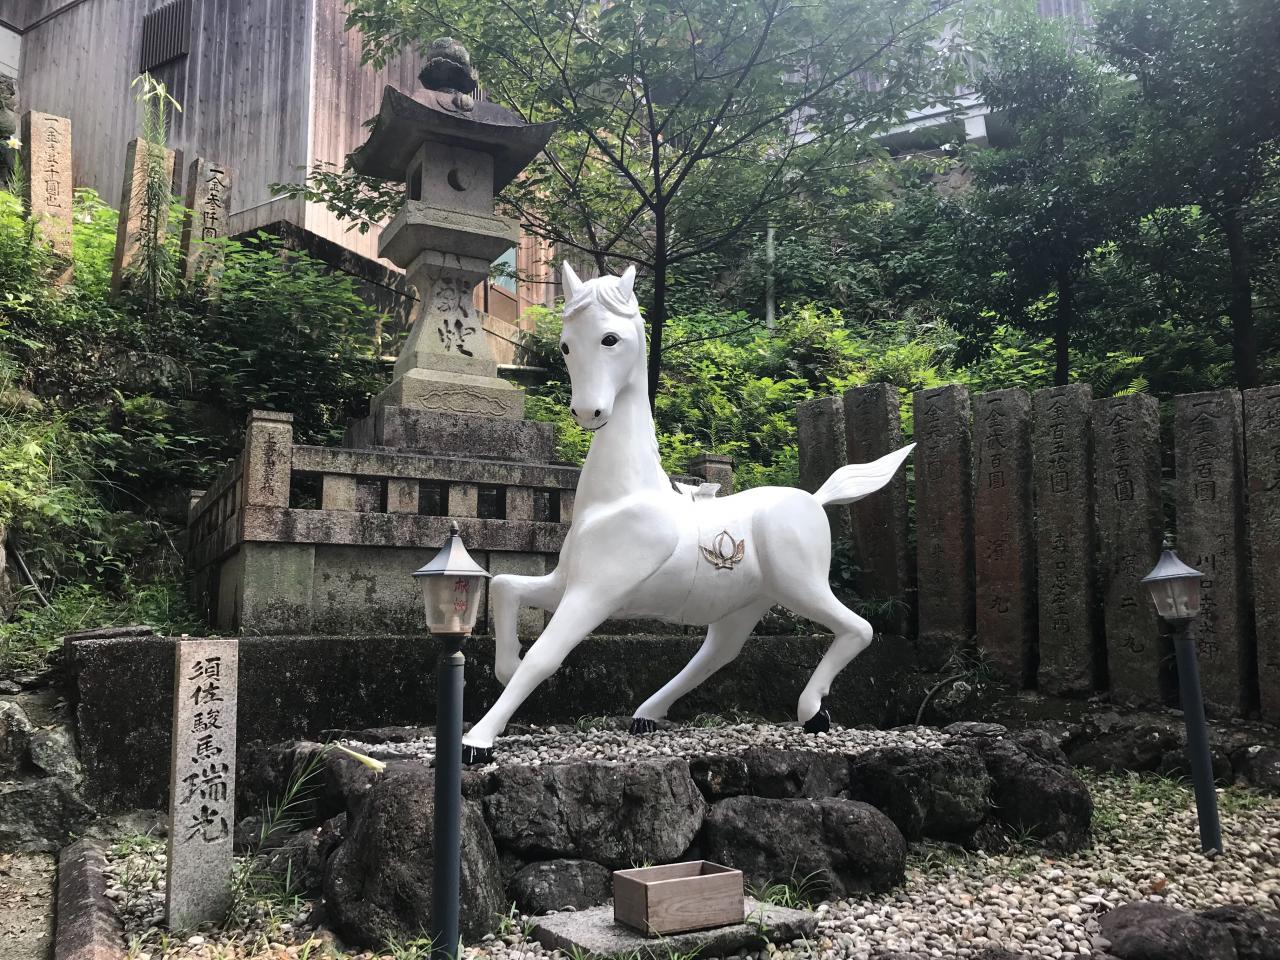 写真:白馬の…!?(2枚目)